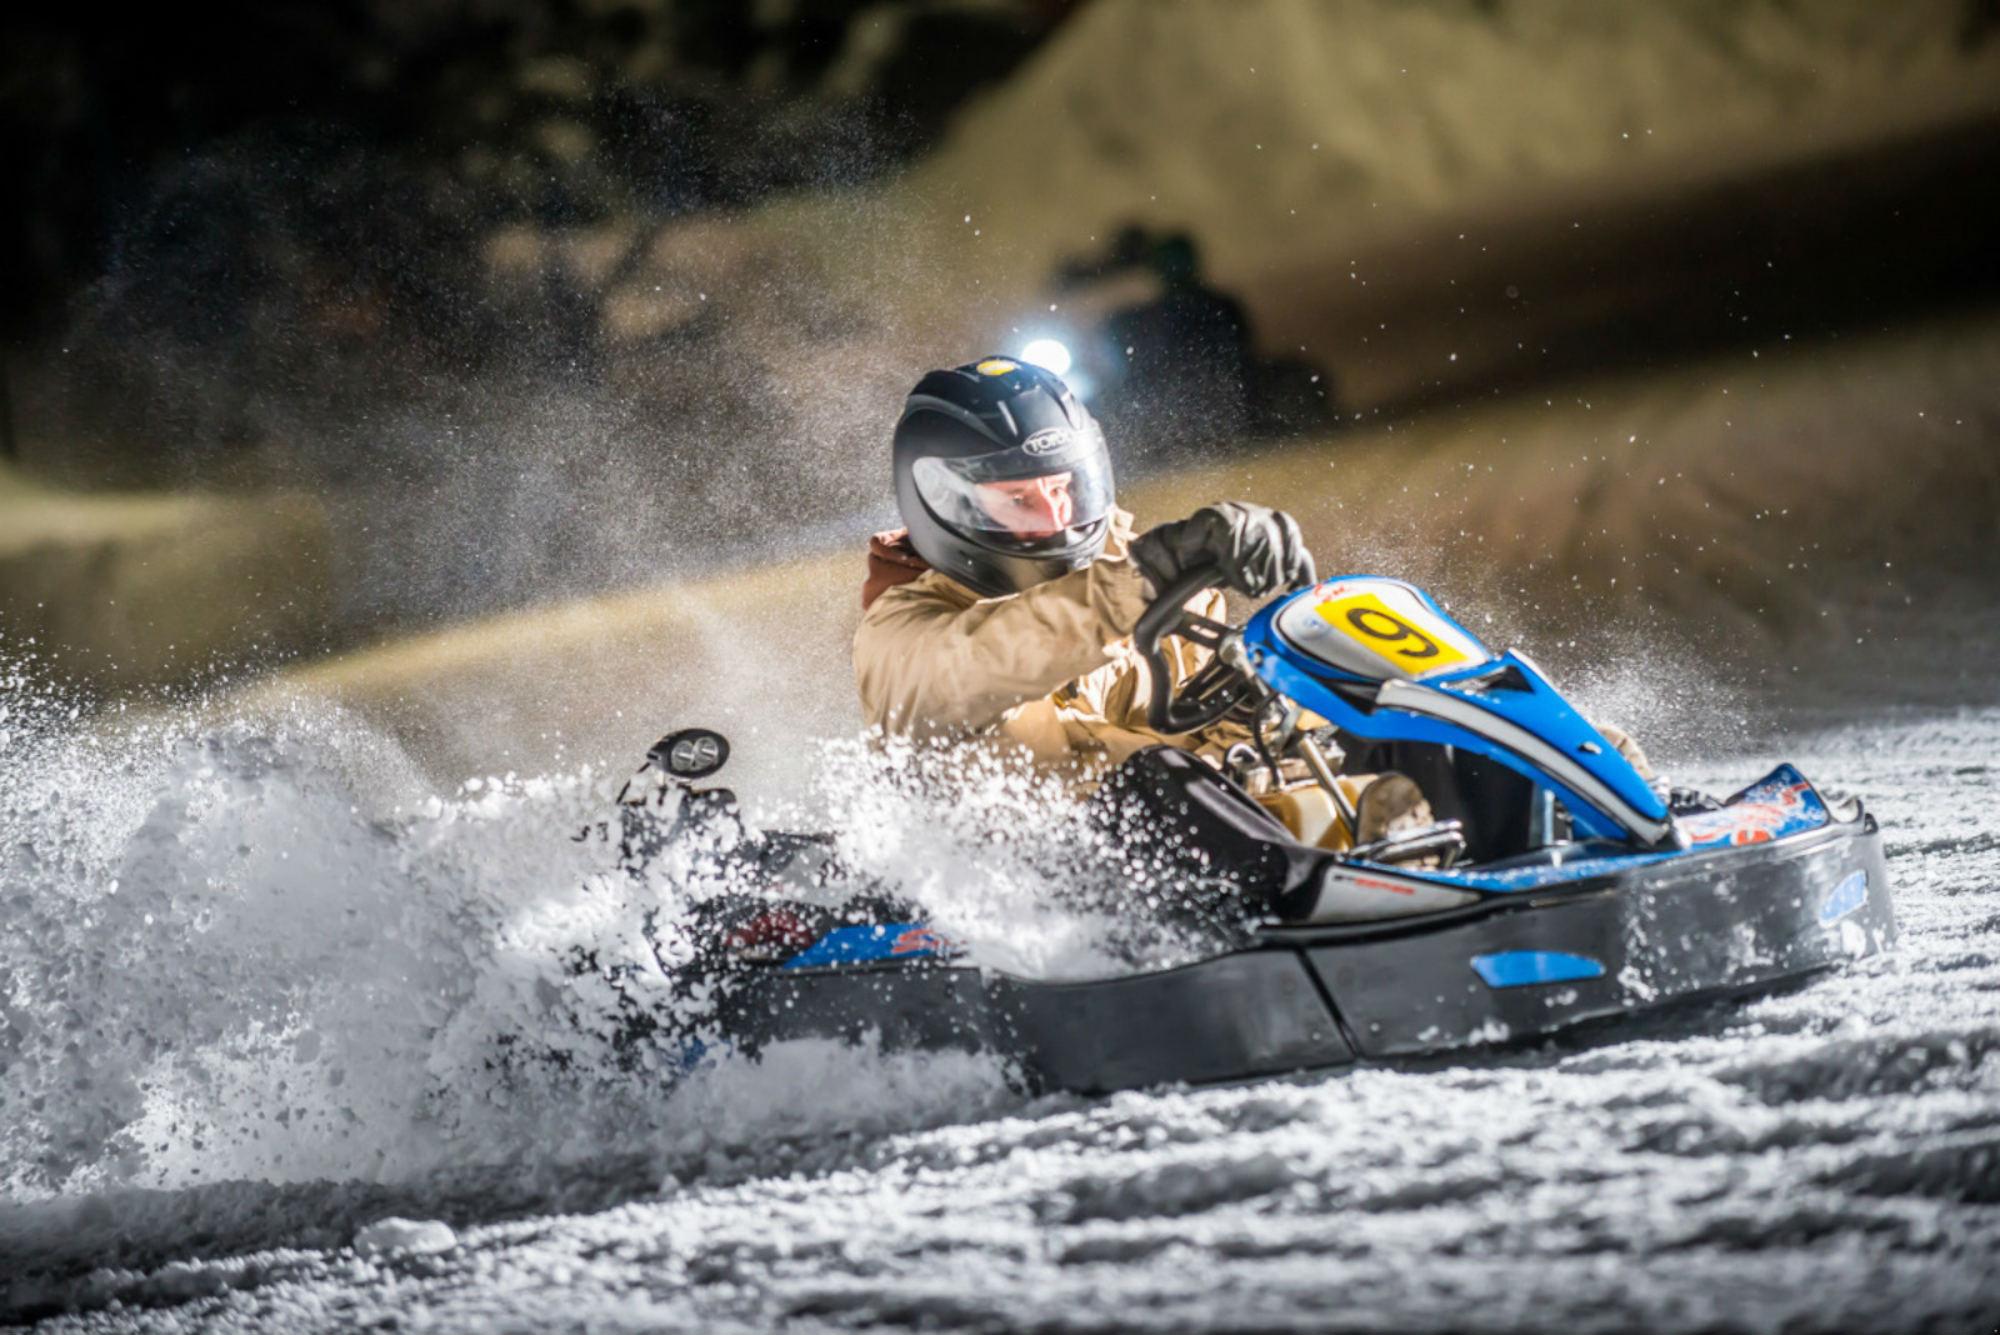 Un pilote de kart sur une piste de karting enneigée.